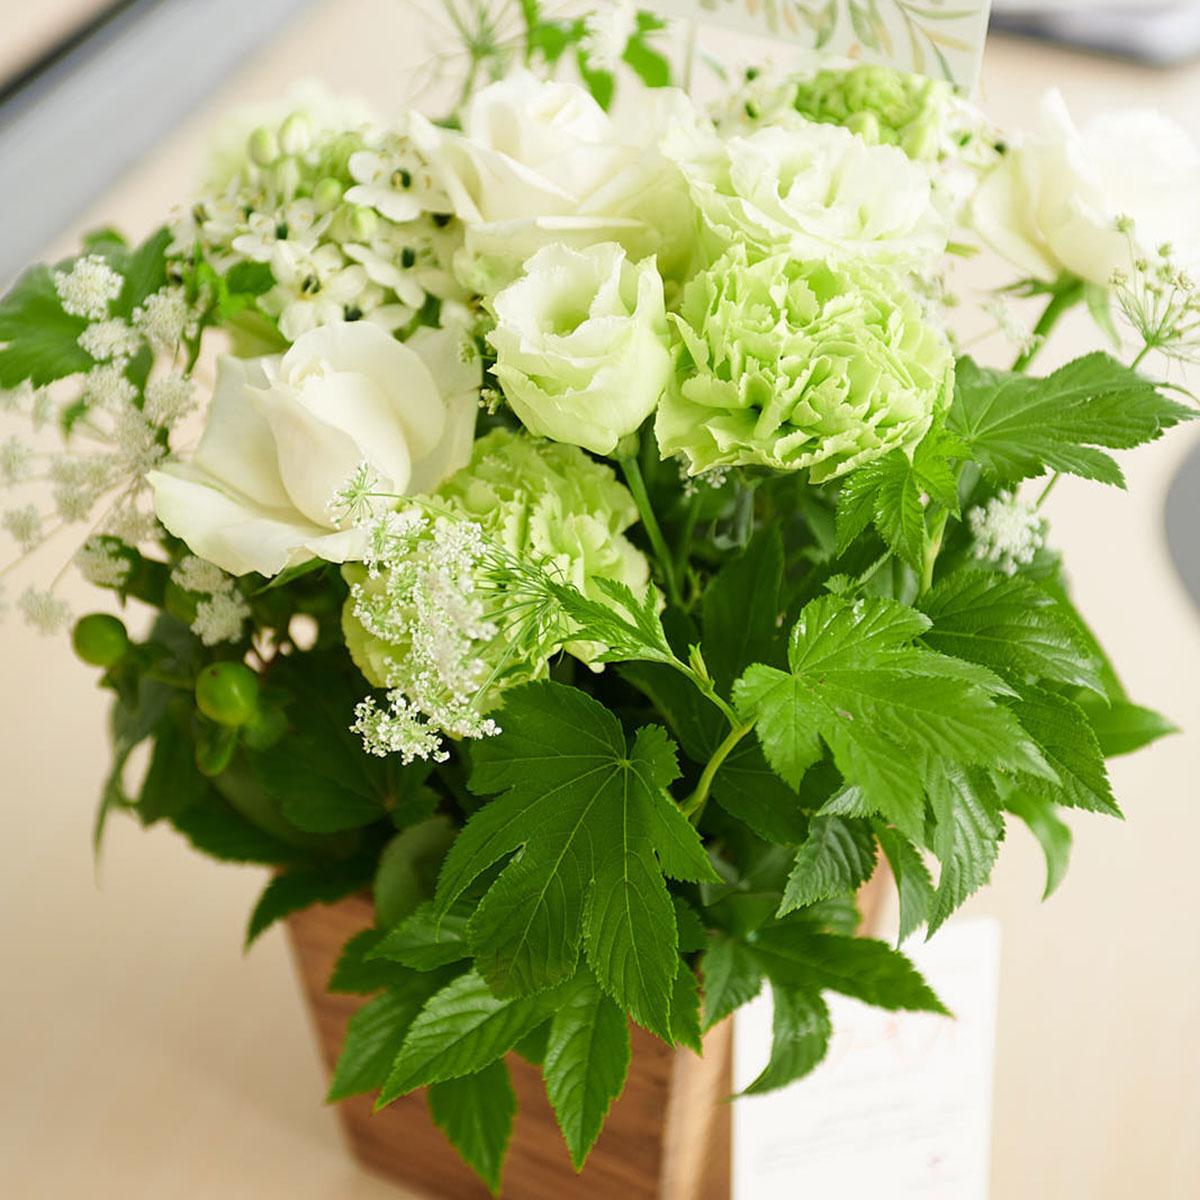 【立札と花の融合デザイン】ウッドバスケット ホワイト&グリーン デザイナーズアレンジメントフラワー【送料無料】開店祝い 開業祝い 退職祝い 誕生日祝い 長寿祝い 結婚祝い 出産祝い 贈り物 フラワーギフト プレゼント お花 あす楽